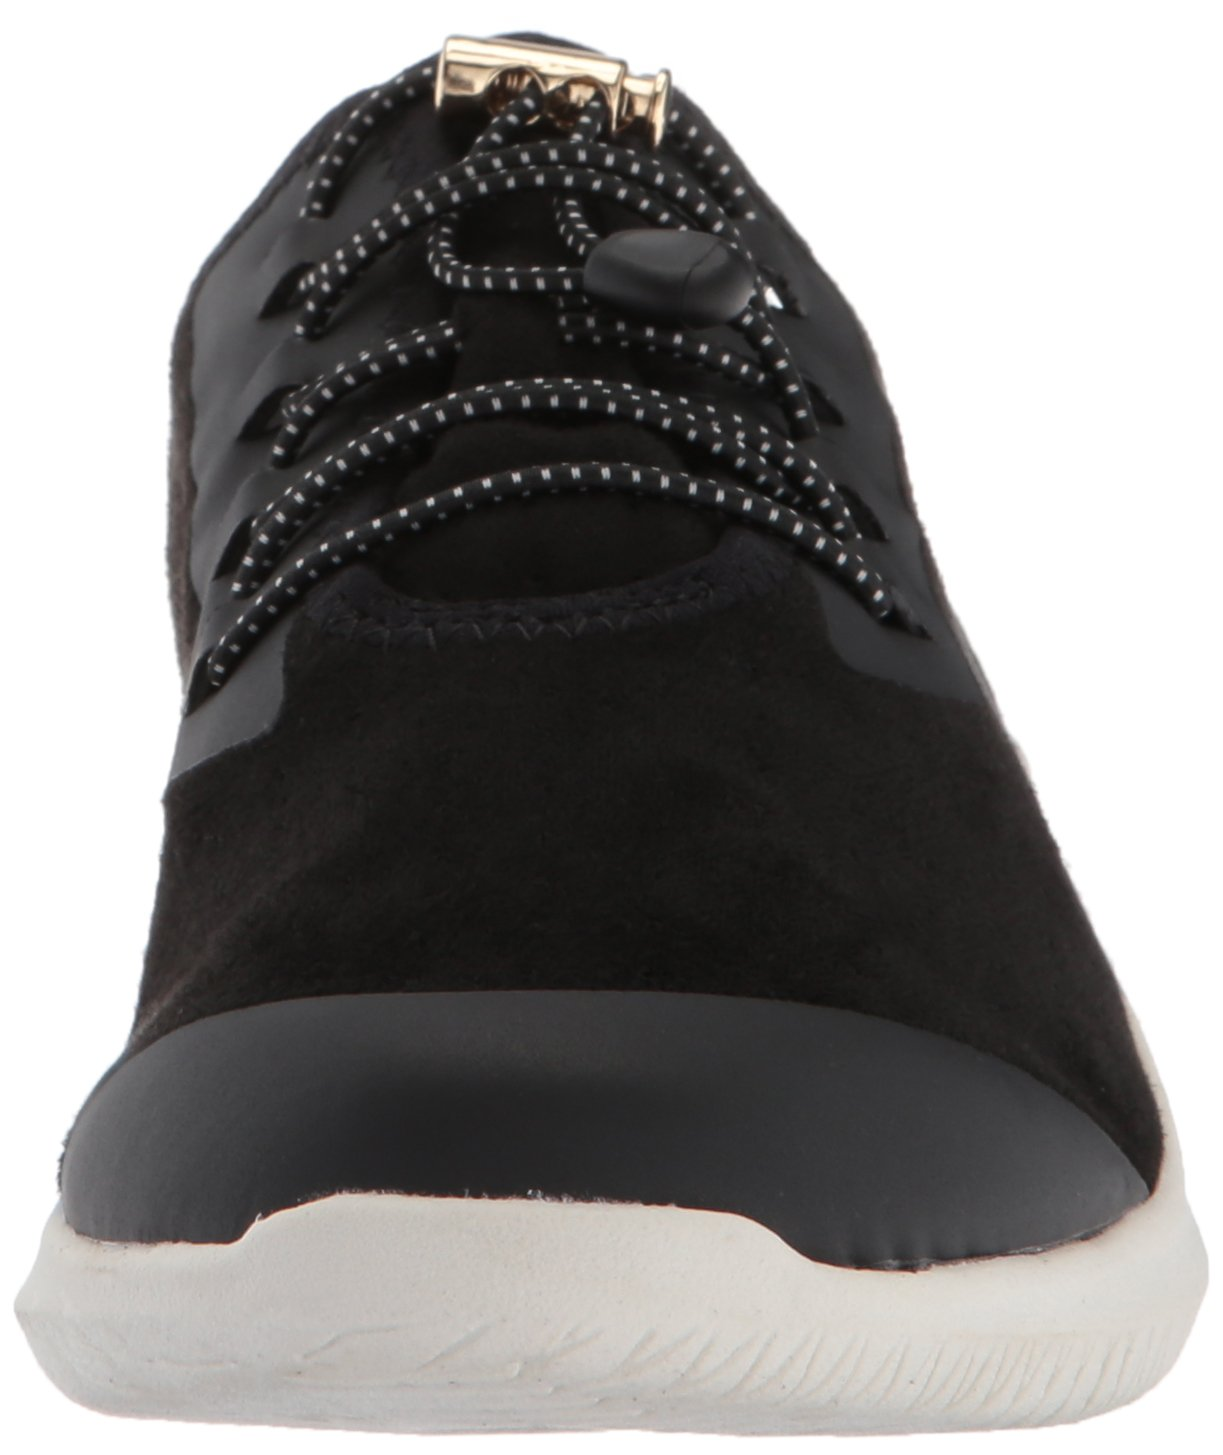 Dr. Scholl's Shoes Women's Flyer Sneaker B074N8F2K3 7 B(M) US Black Microfiber